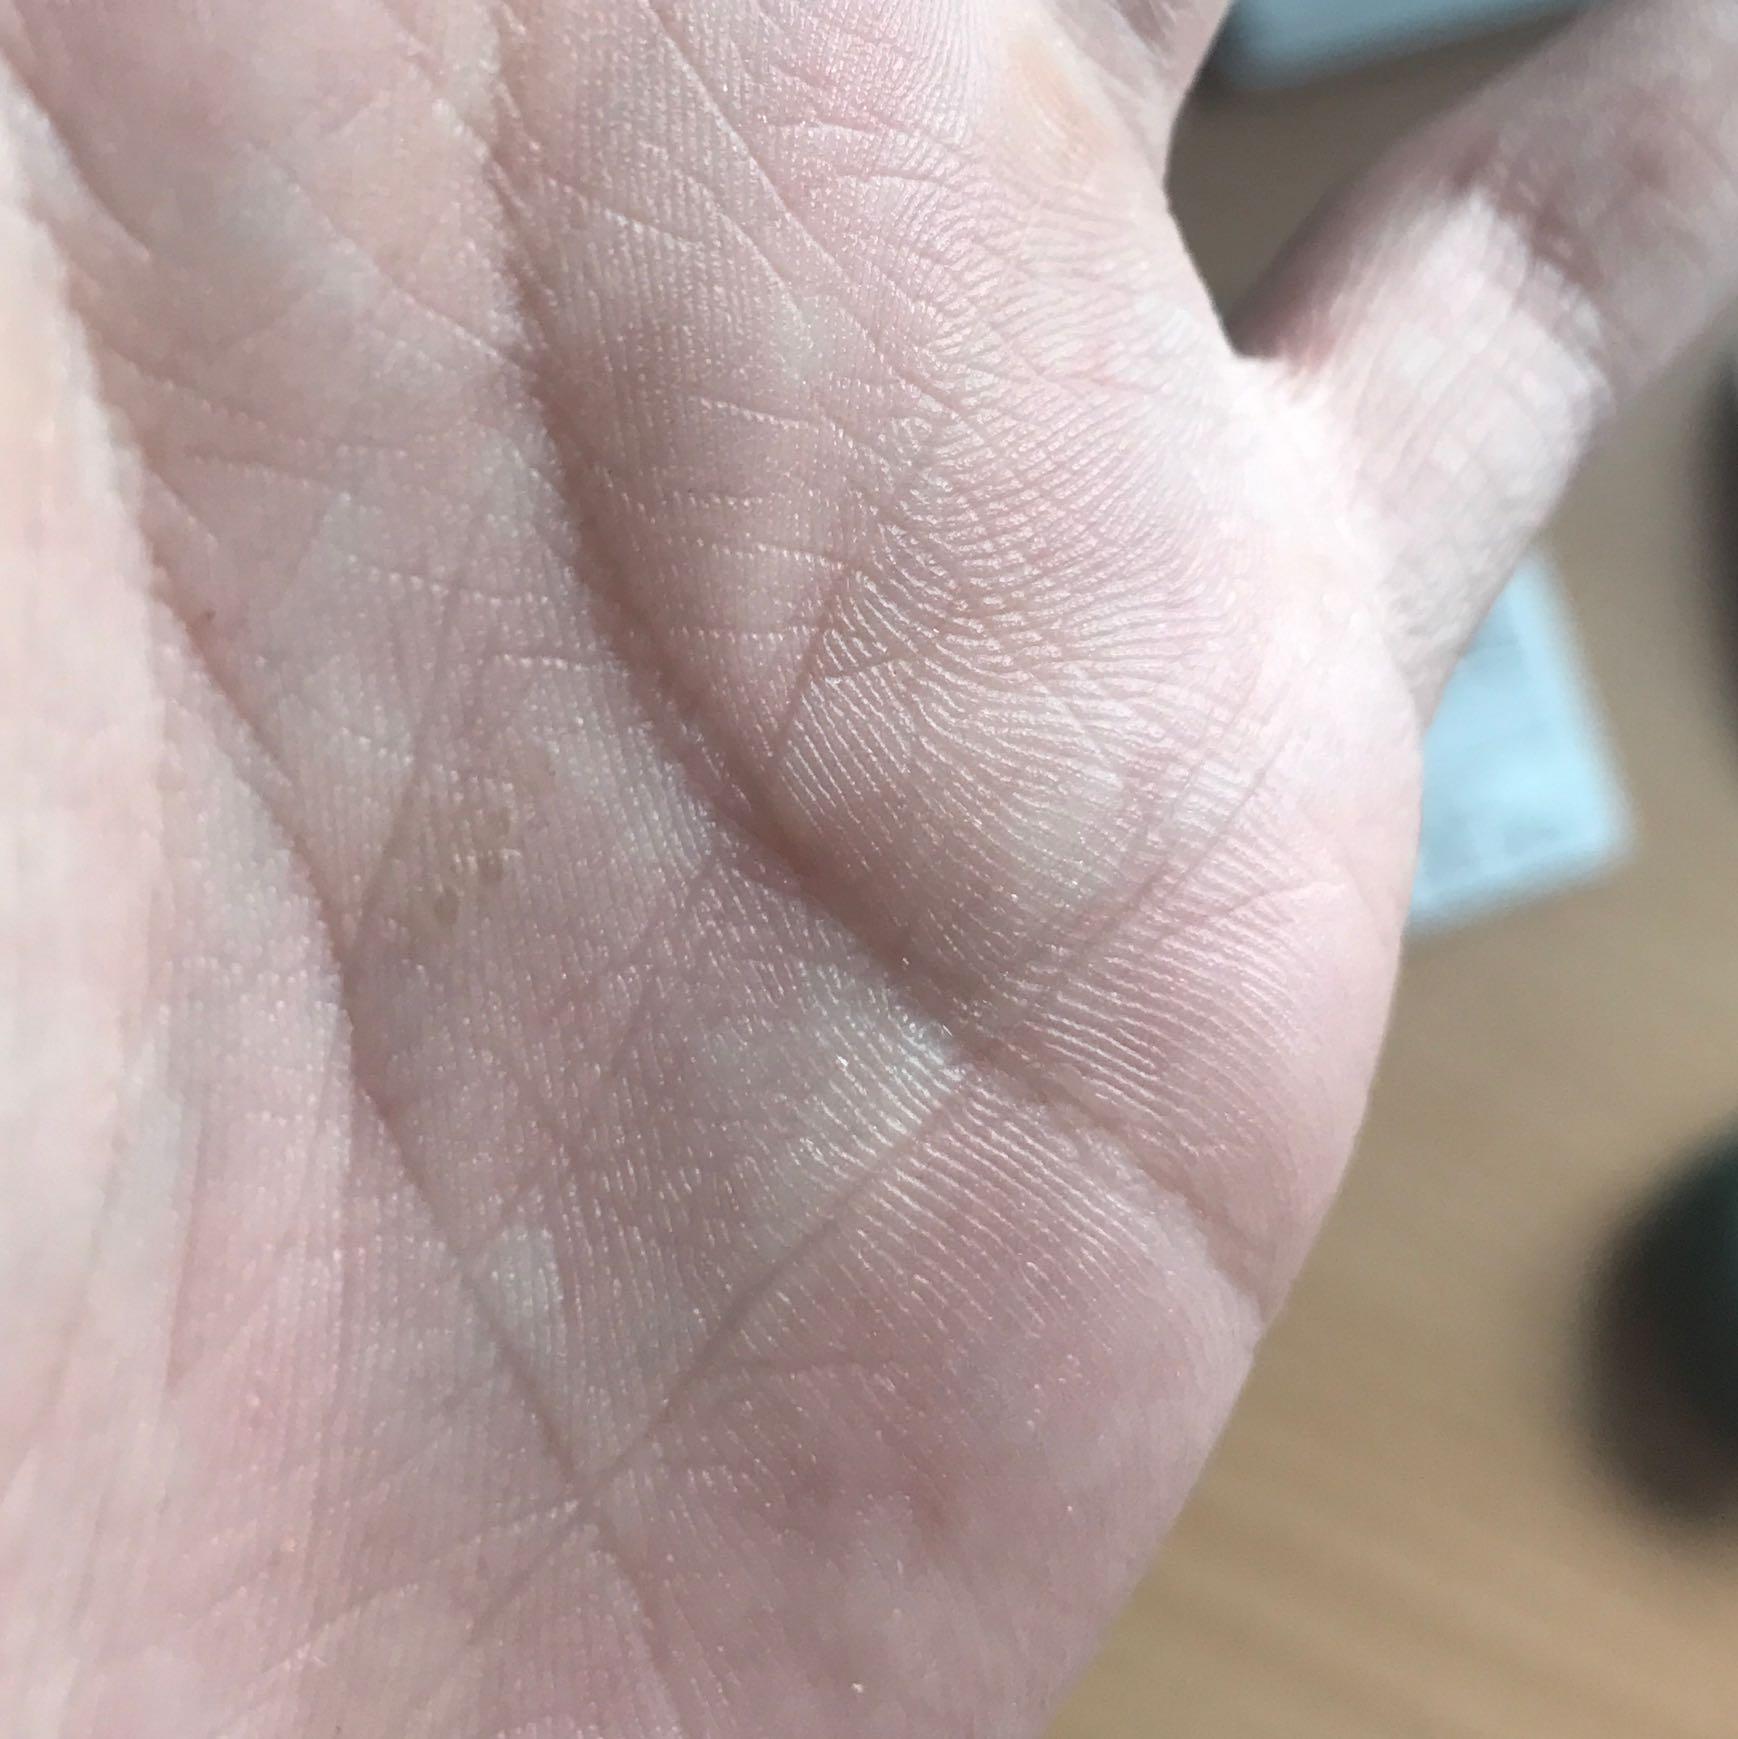 Handinnenfläche Juckt Bedeutung